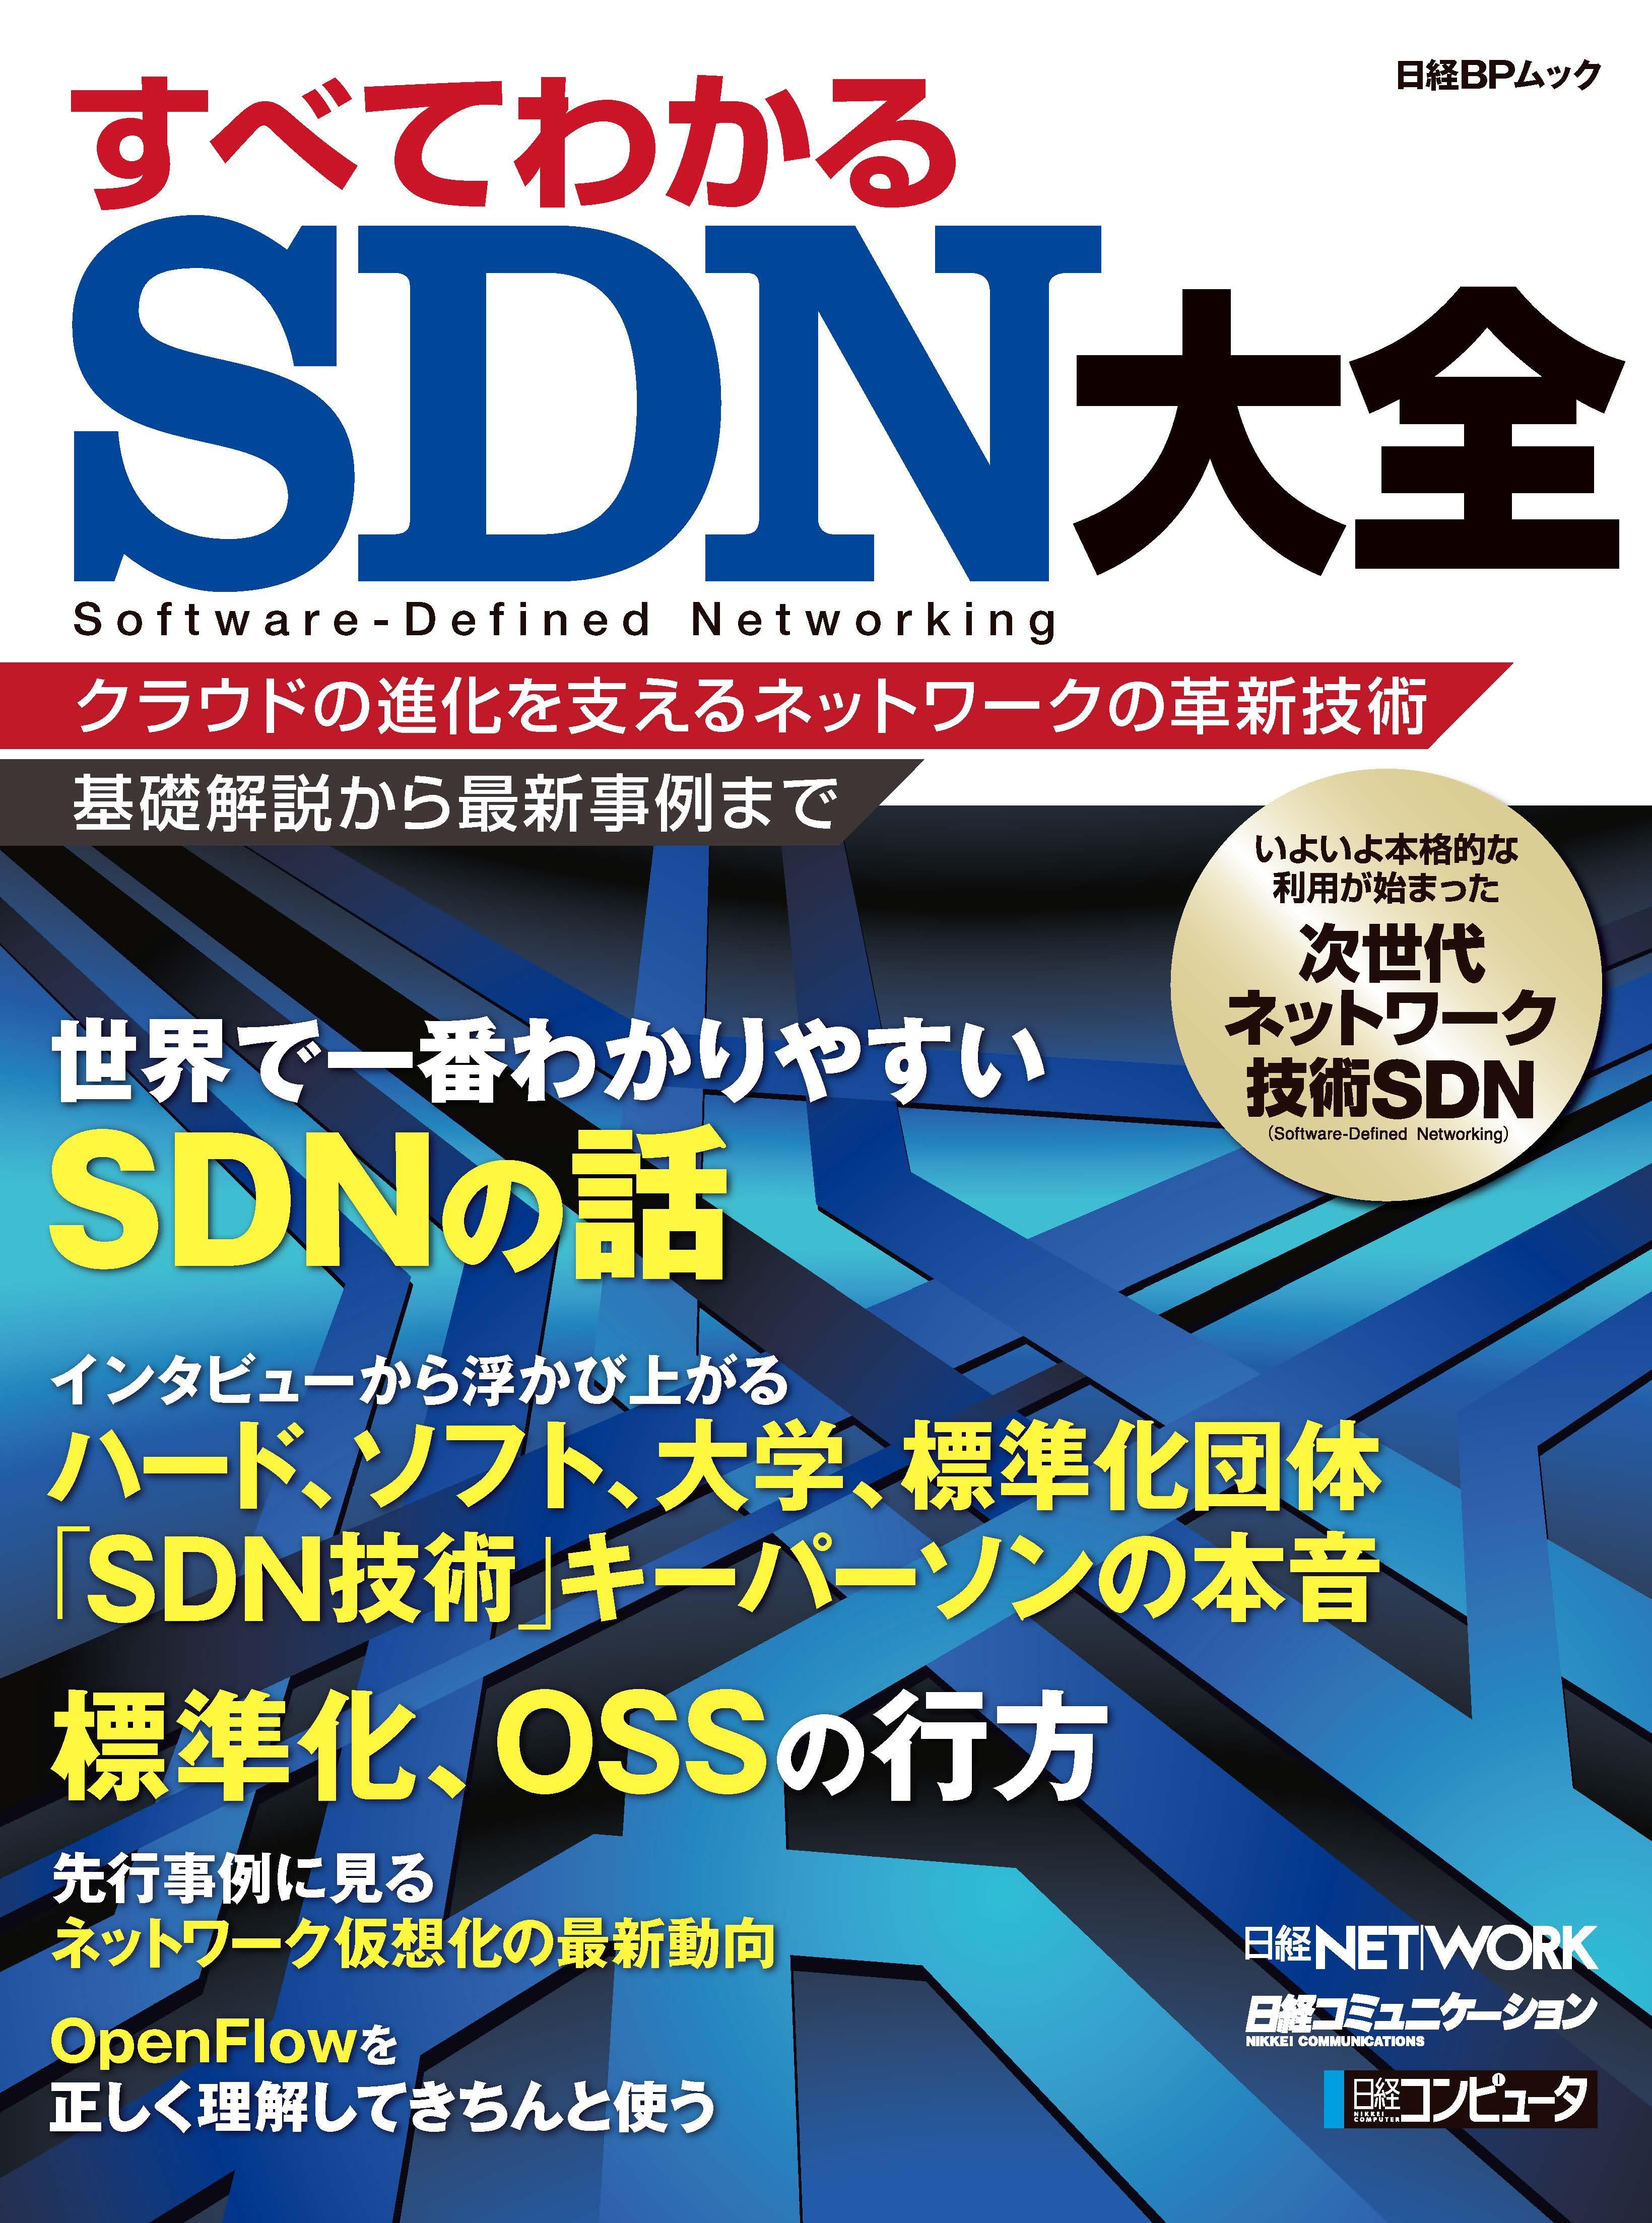 すべてわかるSDN大全